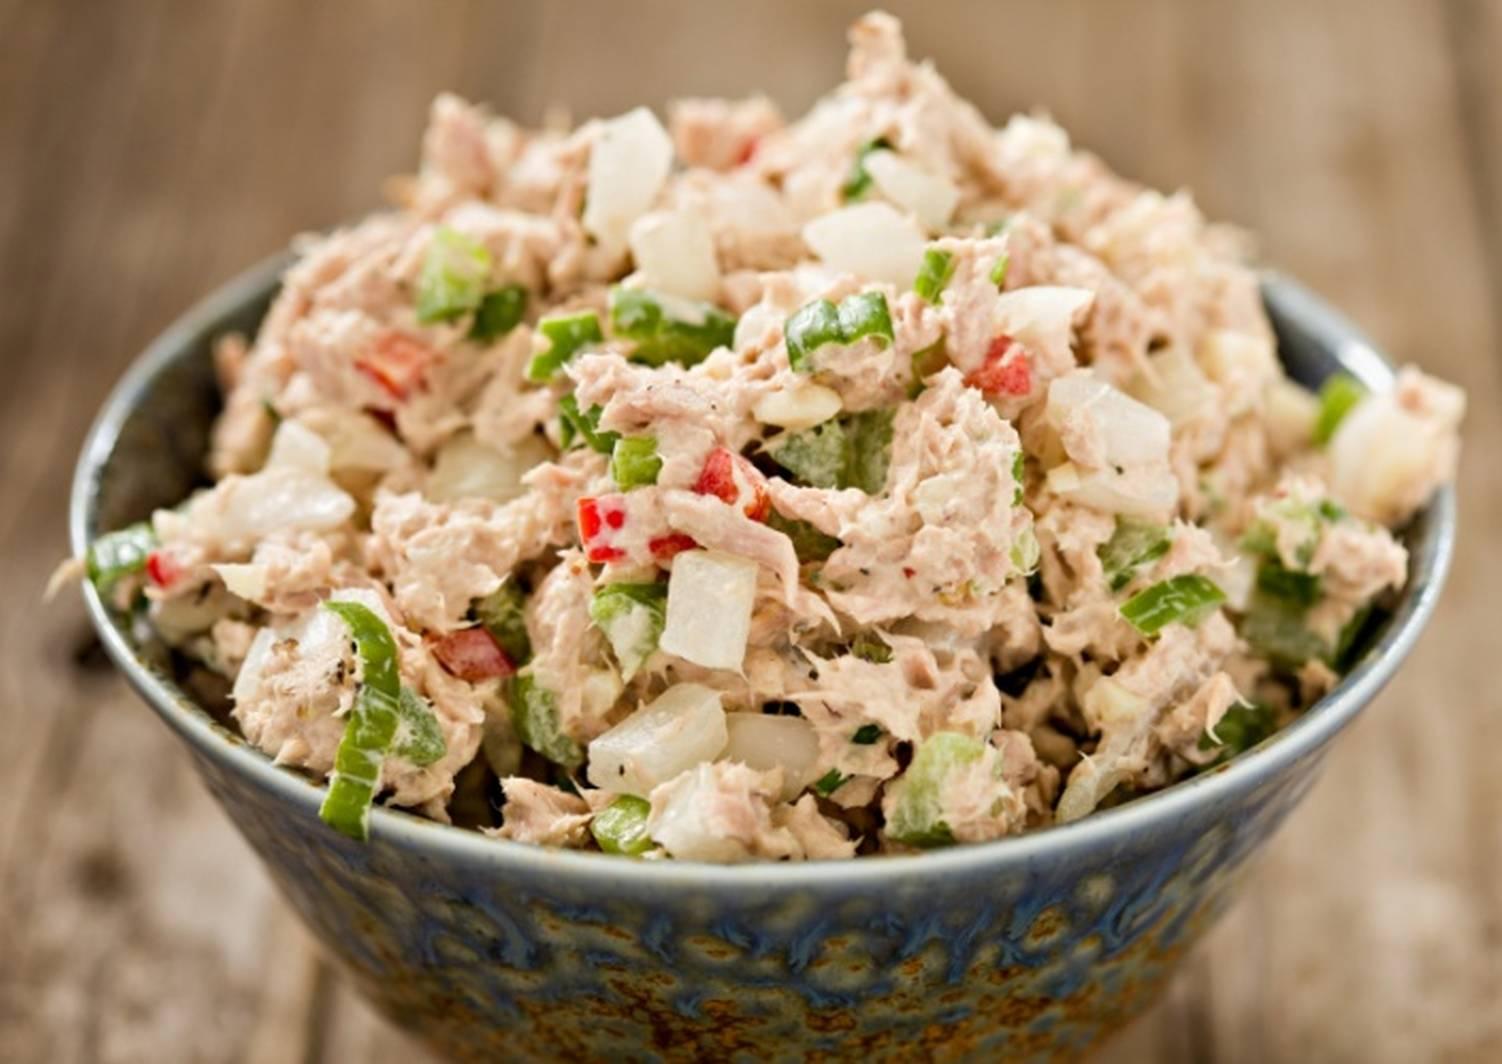 боксы салат из отварной рыбы рецепт с фото девайс достаточно информативный